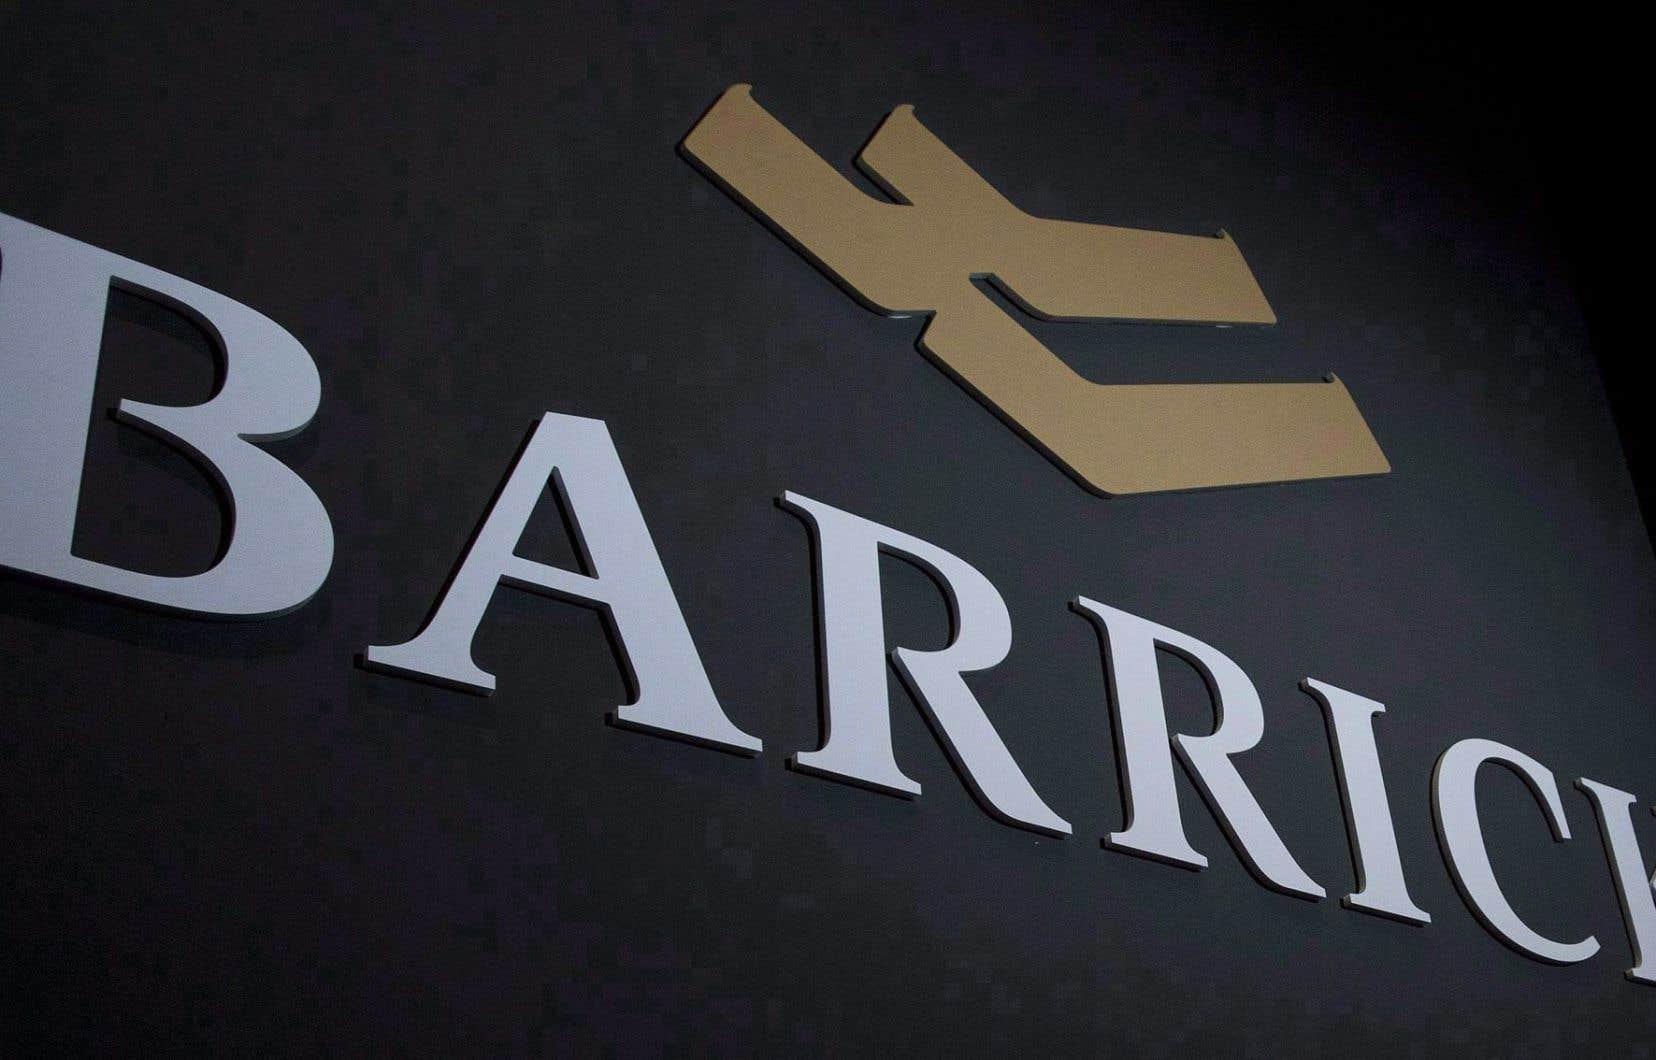 En vertu de l'accord, Barrick détiendra 61,5% du capital de la coentreprise, tandis que Newmont en possédera 38,5%.